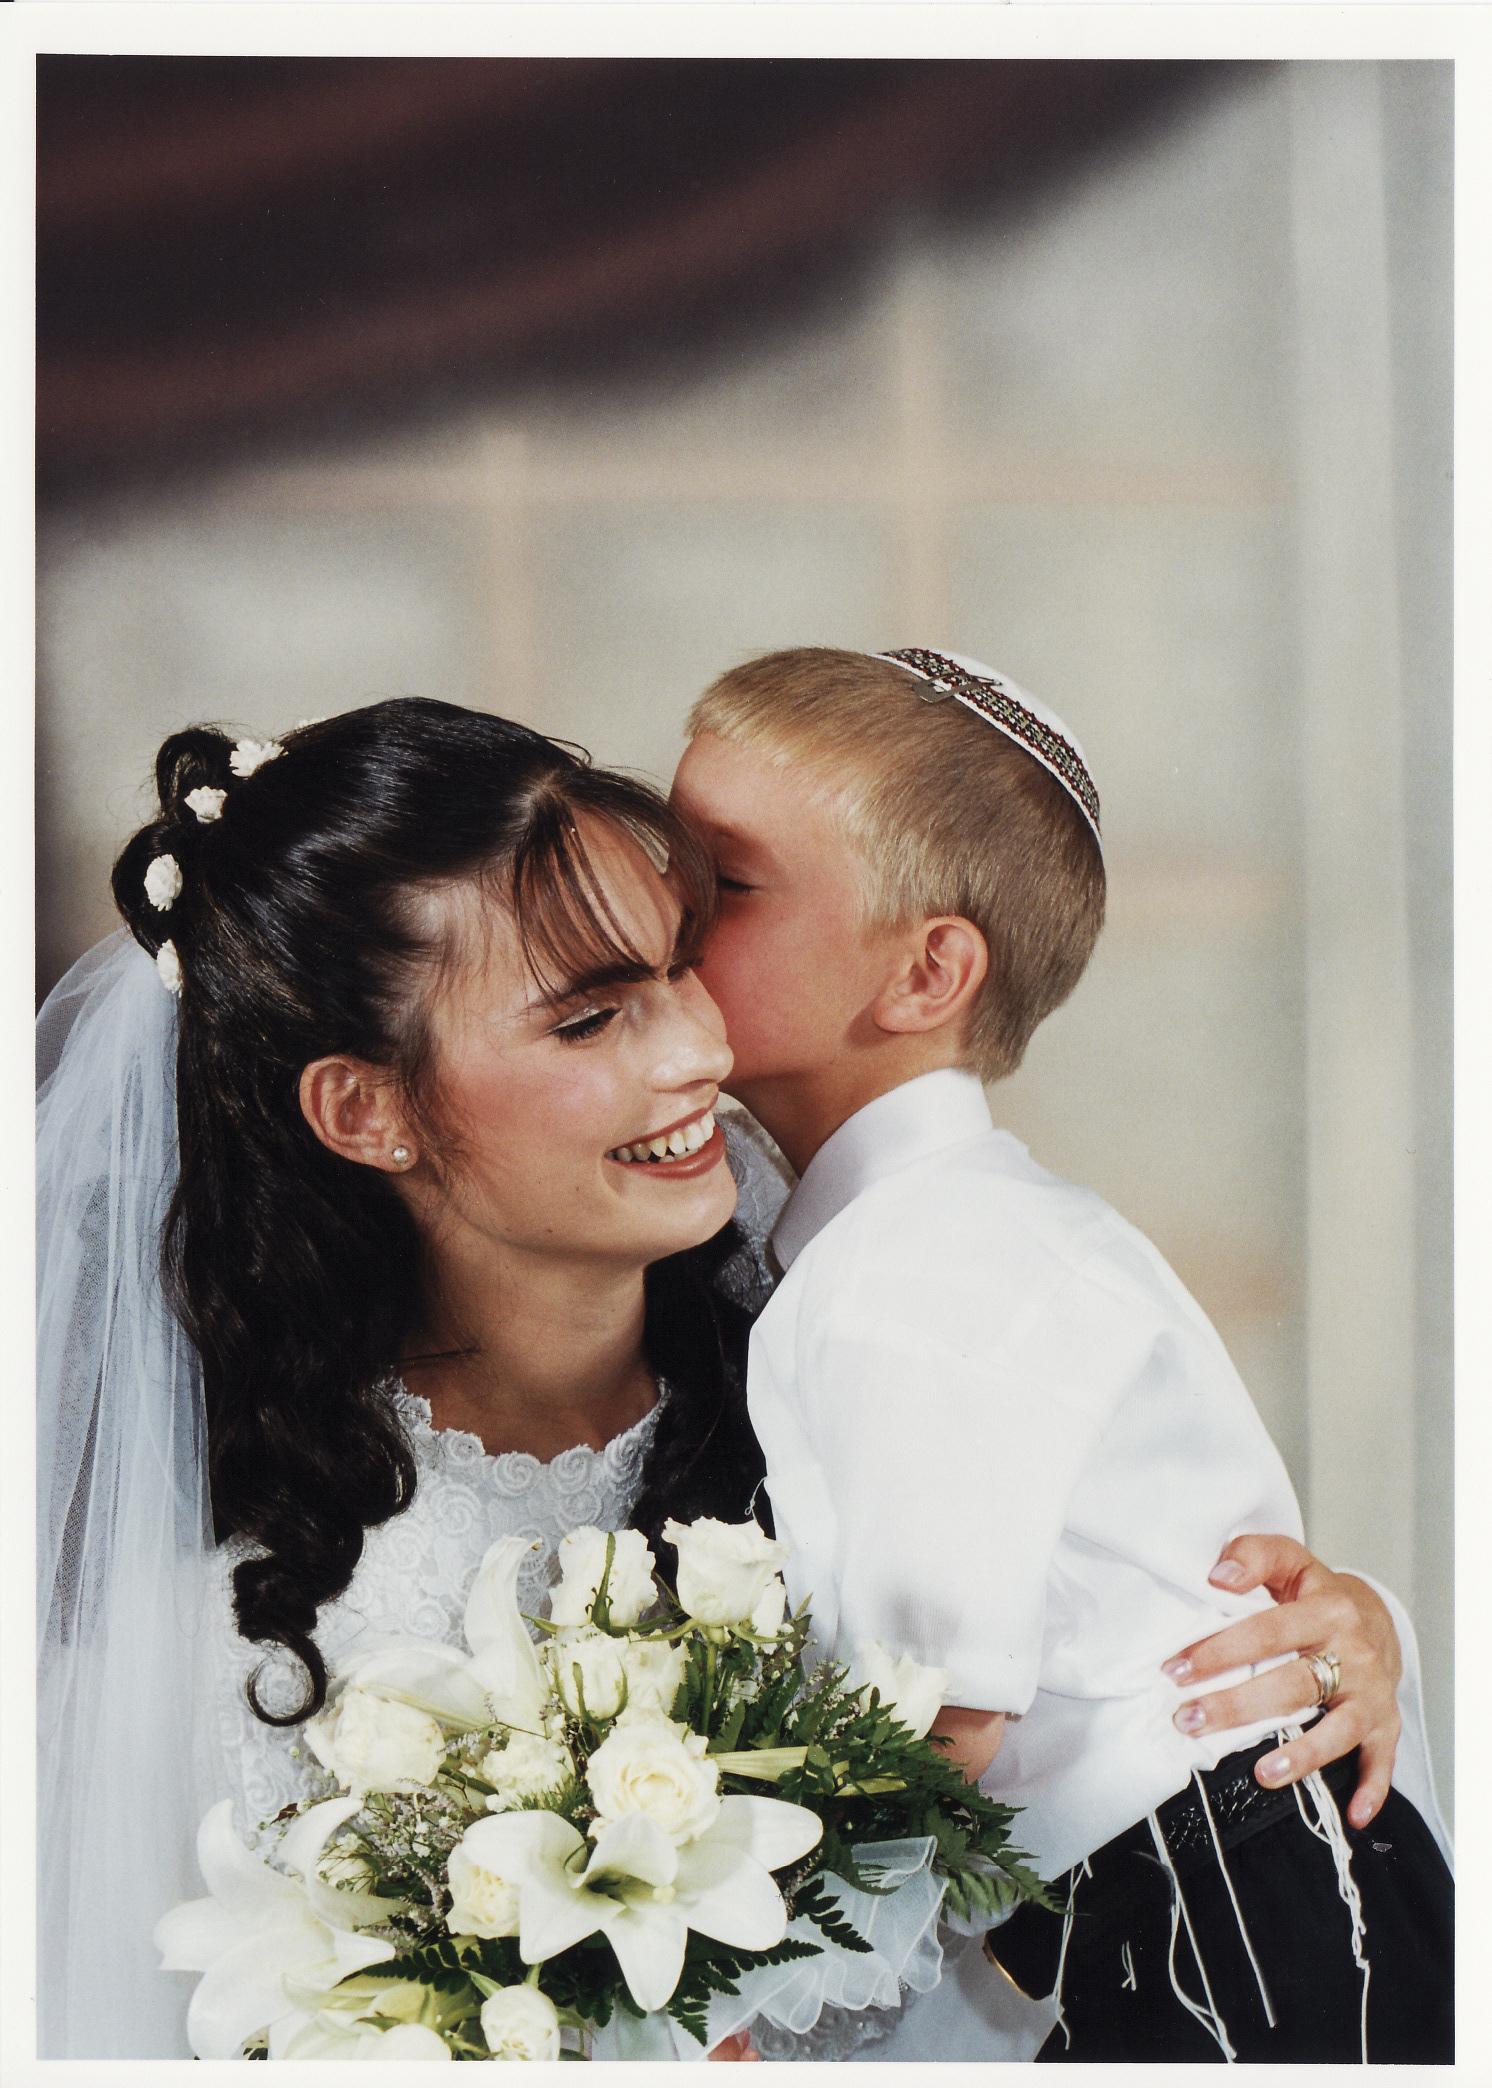 תמוז תשנט ישי בן 4 בחתונה של יעל